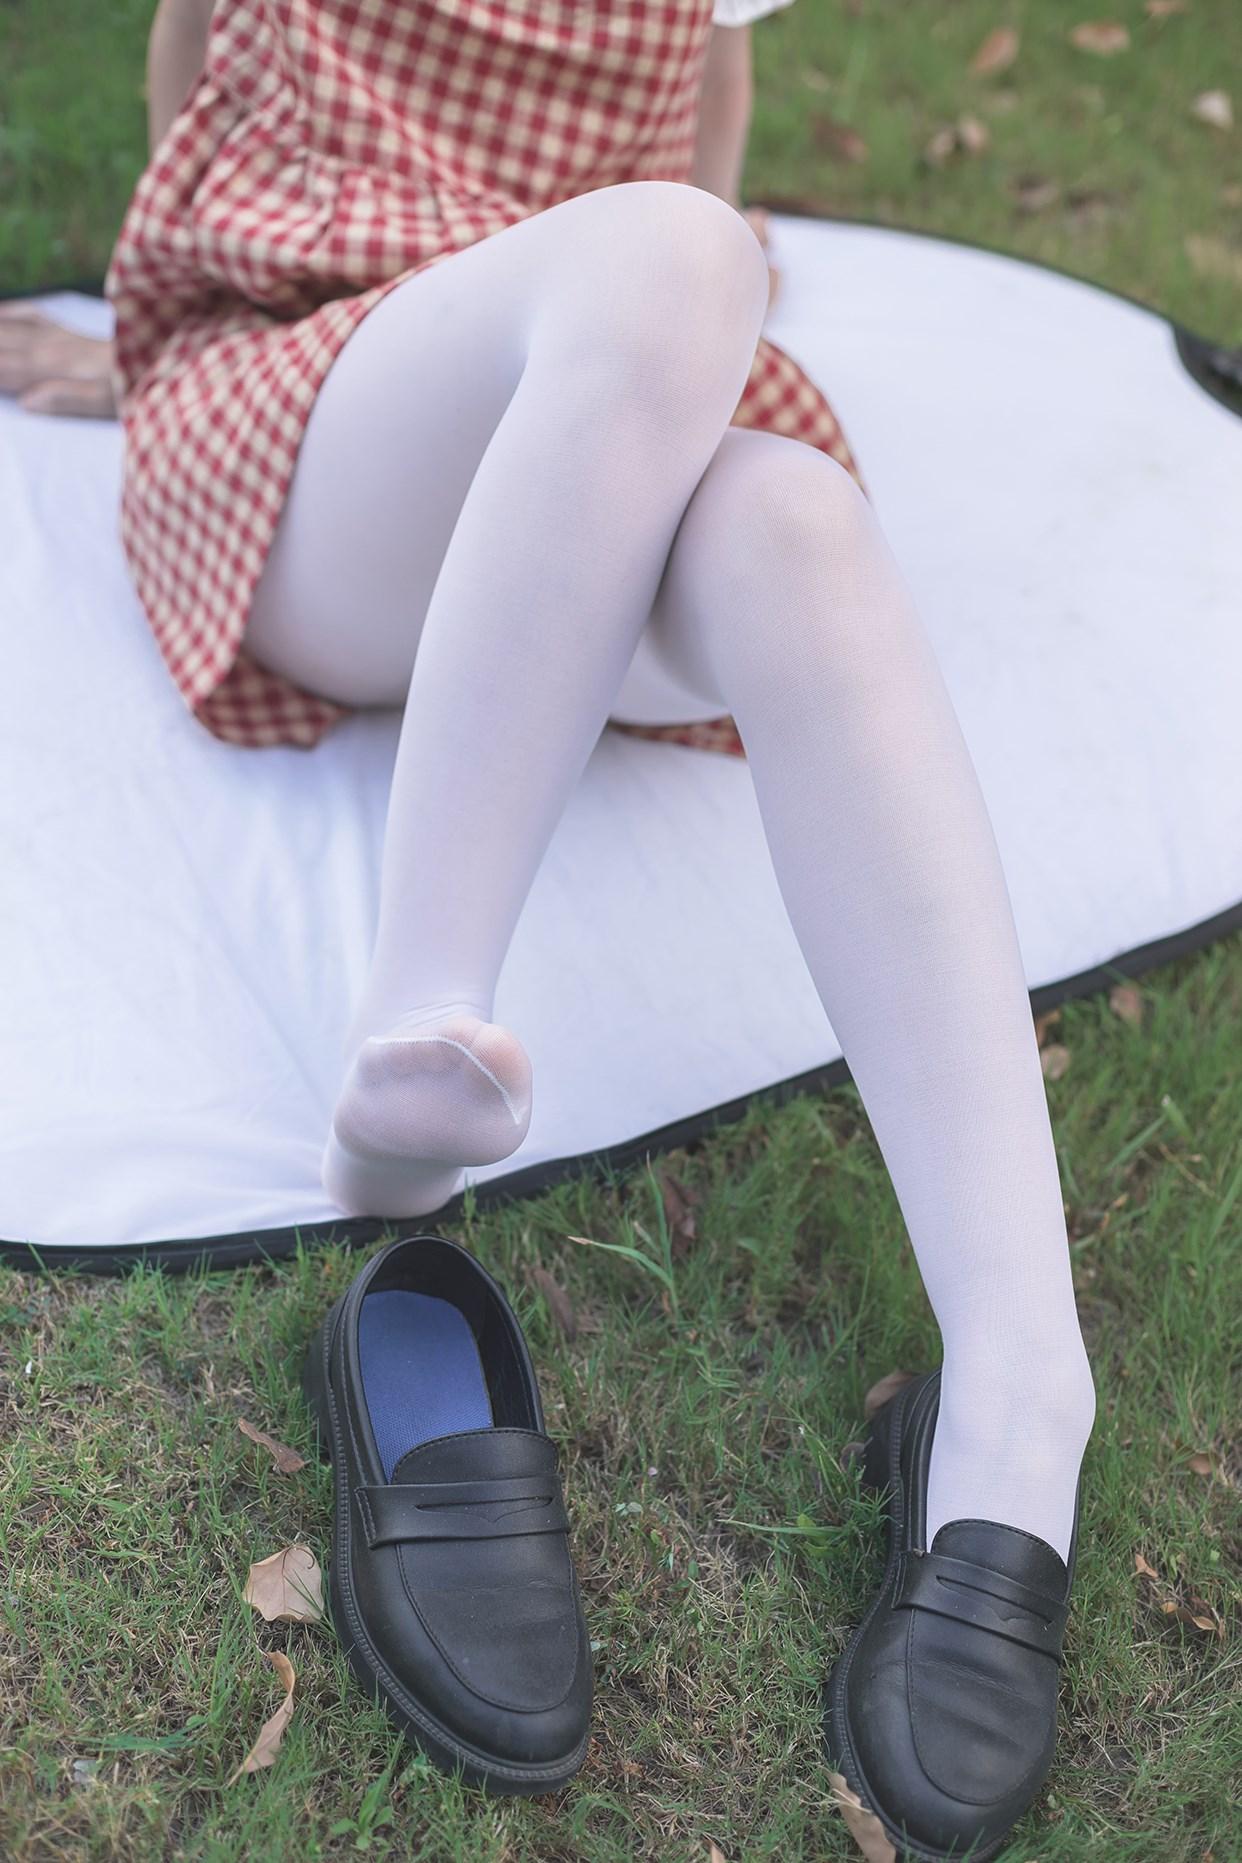 【兔玩映画】萝莉的白丝袜 兔玩映画 第48张